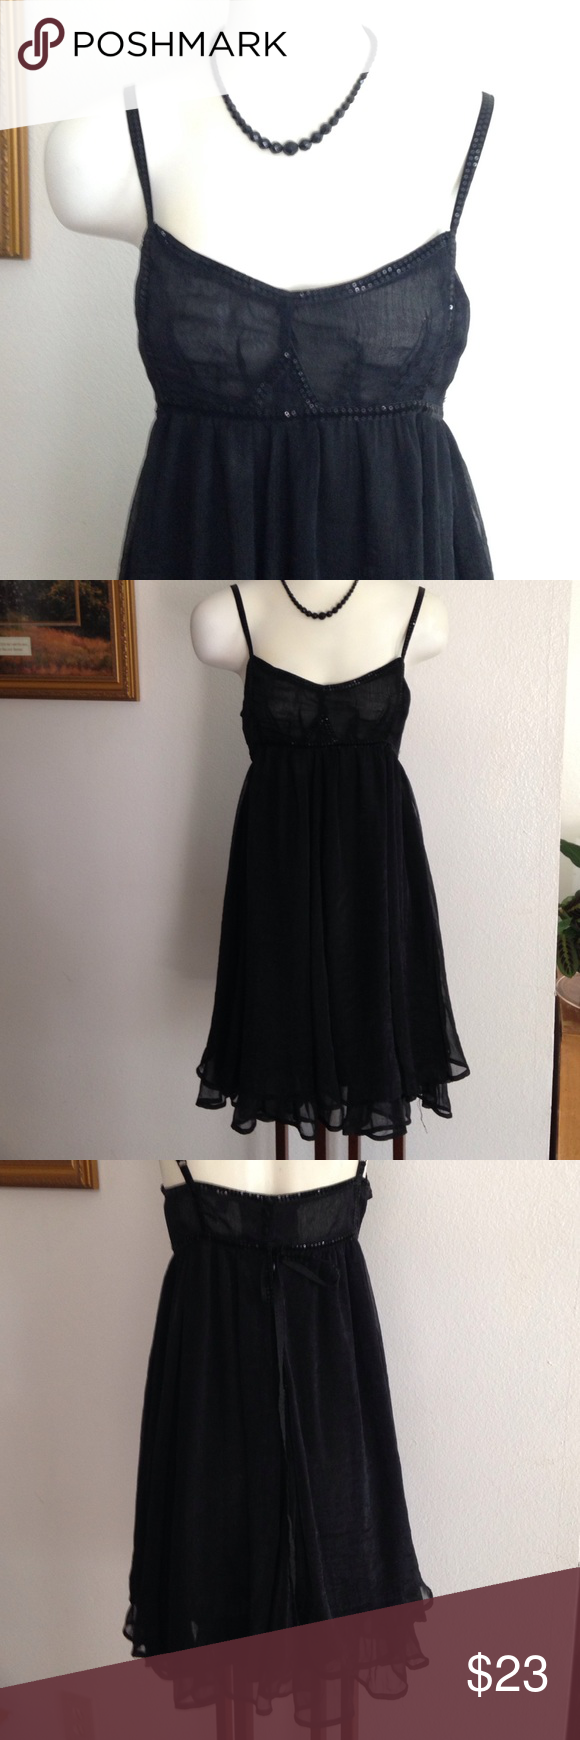 Cecico Cute black dress light and elegant! Dresses